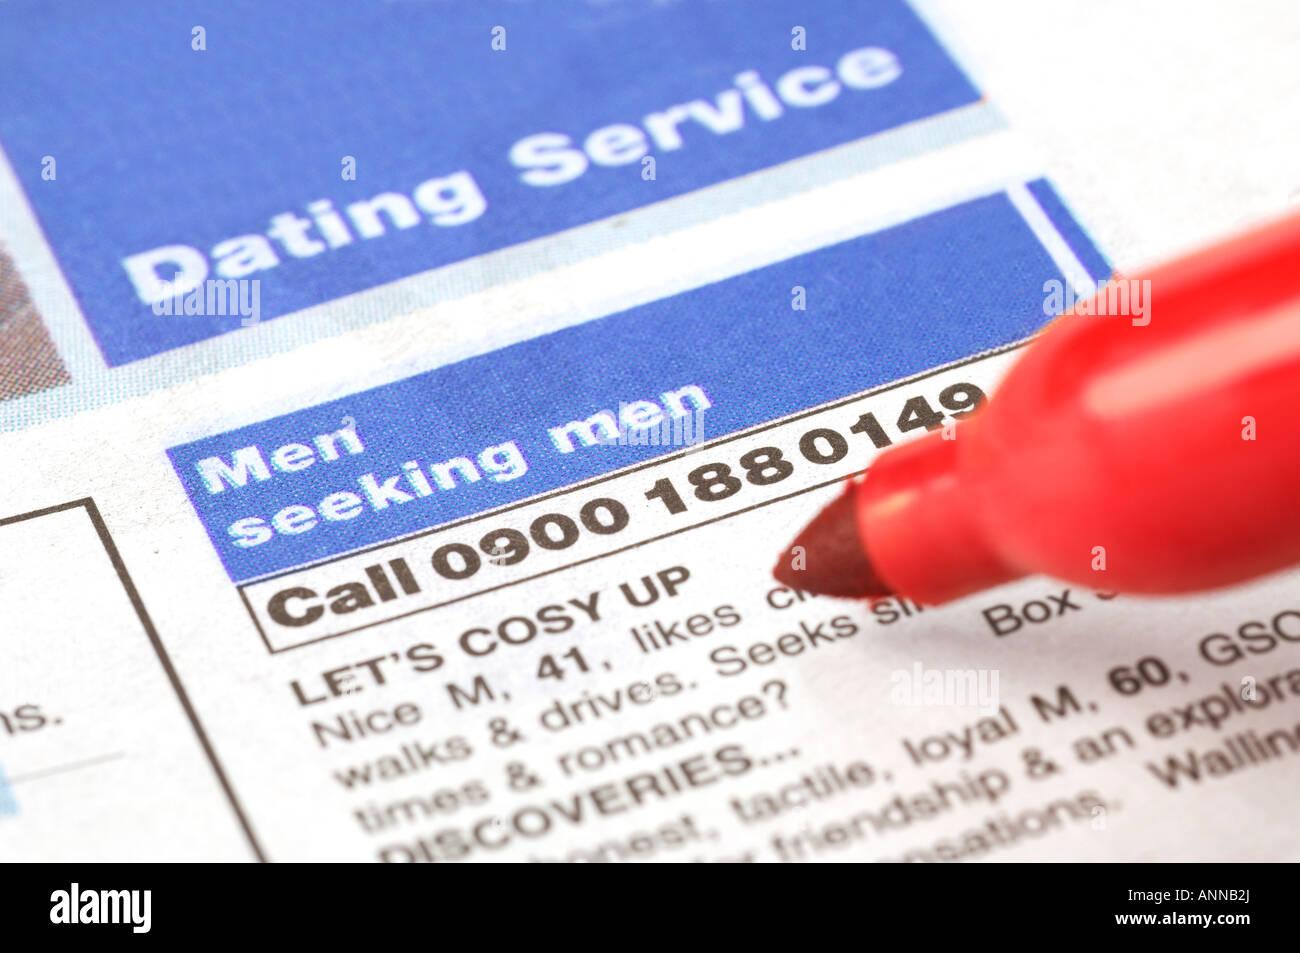 man seeking man dating site